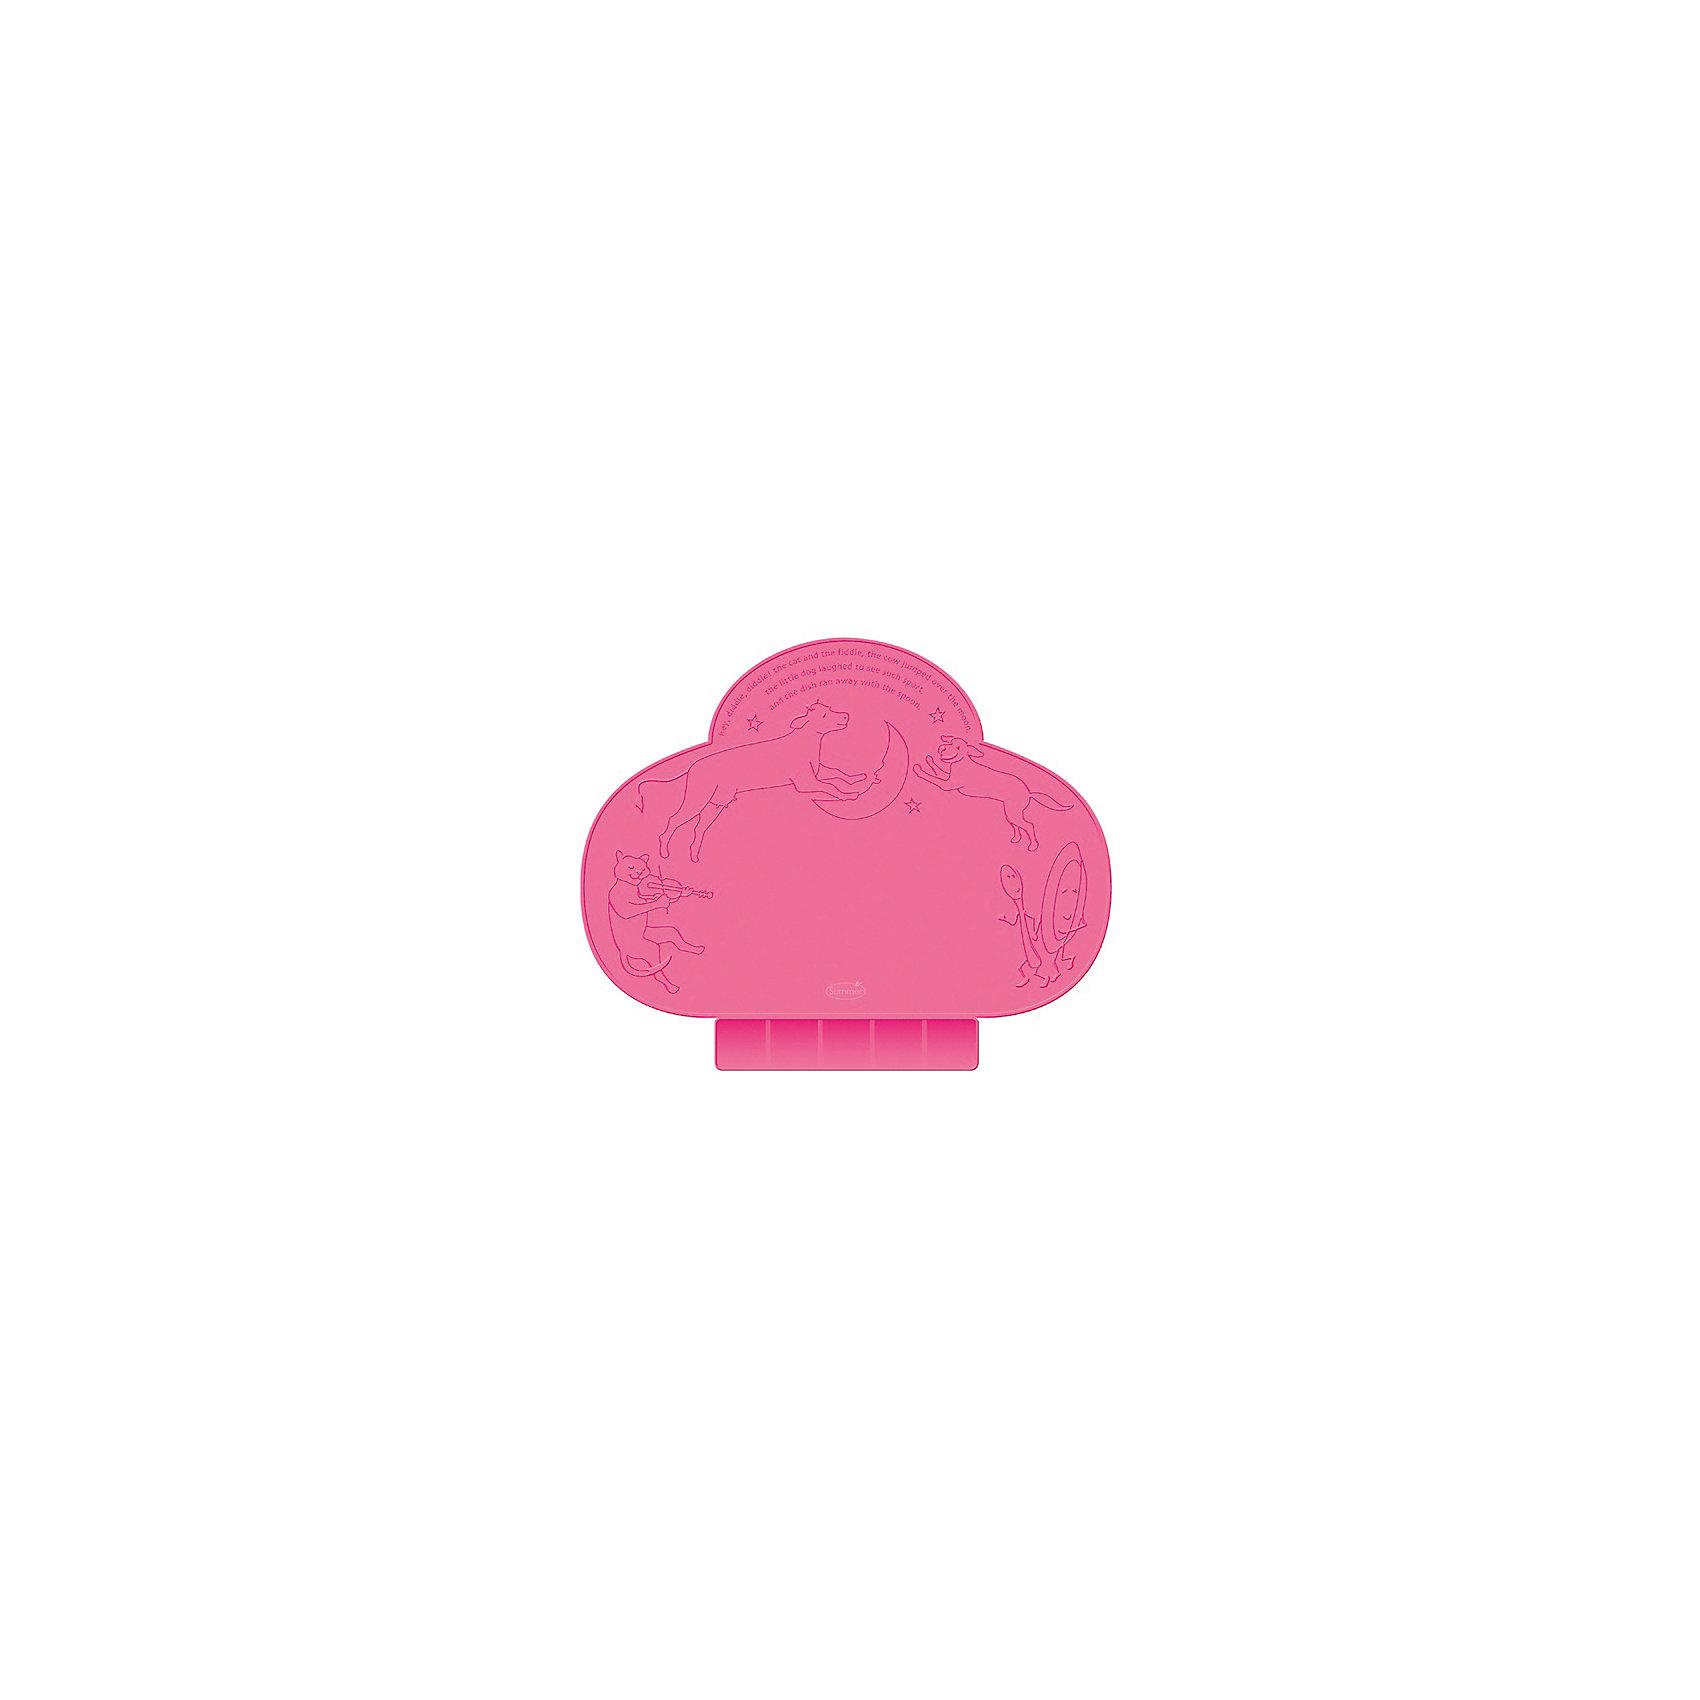 Защитная салфетка-накладка на стол Tiny Diner, Summer Infant, розовыйБлокирующие и защитные устройства для дома<br>Защитная салфетка-накладка на стол Tiny Diner, Summer Infant, розовый защитит стол и одежду ребёнка от различных загрязнений. Благодаря особому покрытию на салфетке, жидкость не разольётся за её пределы. Выступ в нижней части не даст крошкам и пролитым жидкостям оказаться на коленях ребёнка. Присоски крепко фиксируют салфетку, так что она не будет скользить во время приема пищи.<br><br>Дополнительная информация:<br>-цвет: розовый<br>-марка: Summer Infant<br><br>Защитную салфетку-накладку на стол Tiny Diner, Summer Infant, розовый можно приобрести в нашем интернет-магазине.<br><br>Ширина мм: 400<br>Глубина мм: 300<br>Высота мм: 10<br>Вес г: 350<br>Возраст от месяцев: 6<br>Возраст до месяцев: 60<br>Пол: Женский<br>Возраст: Детский<br>SKU: 5089921